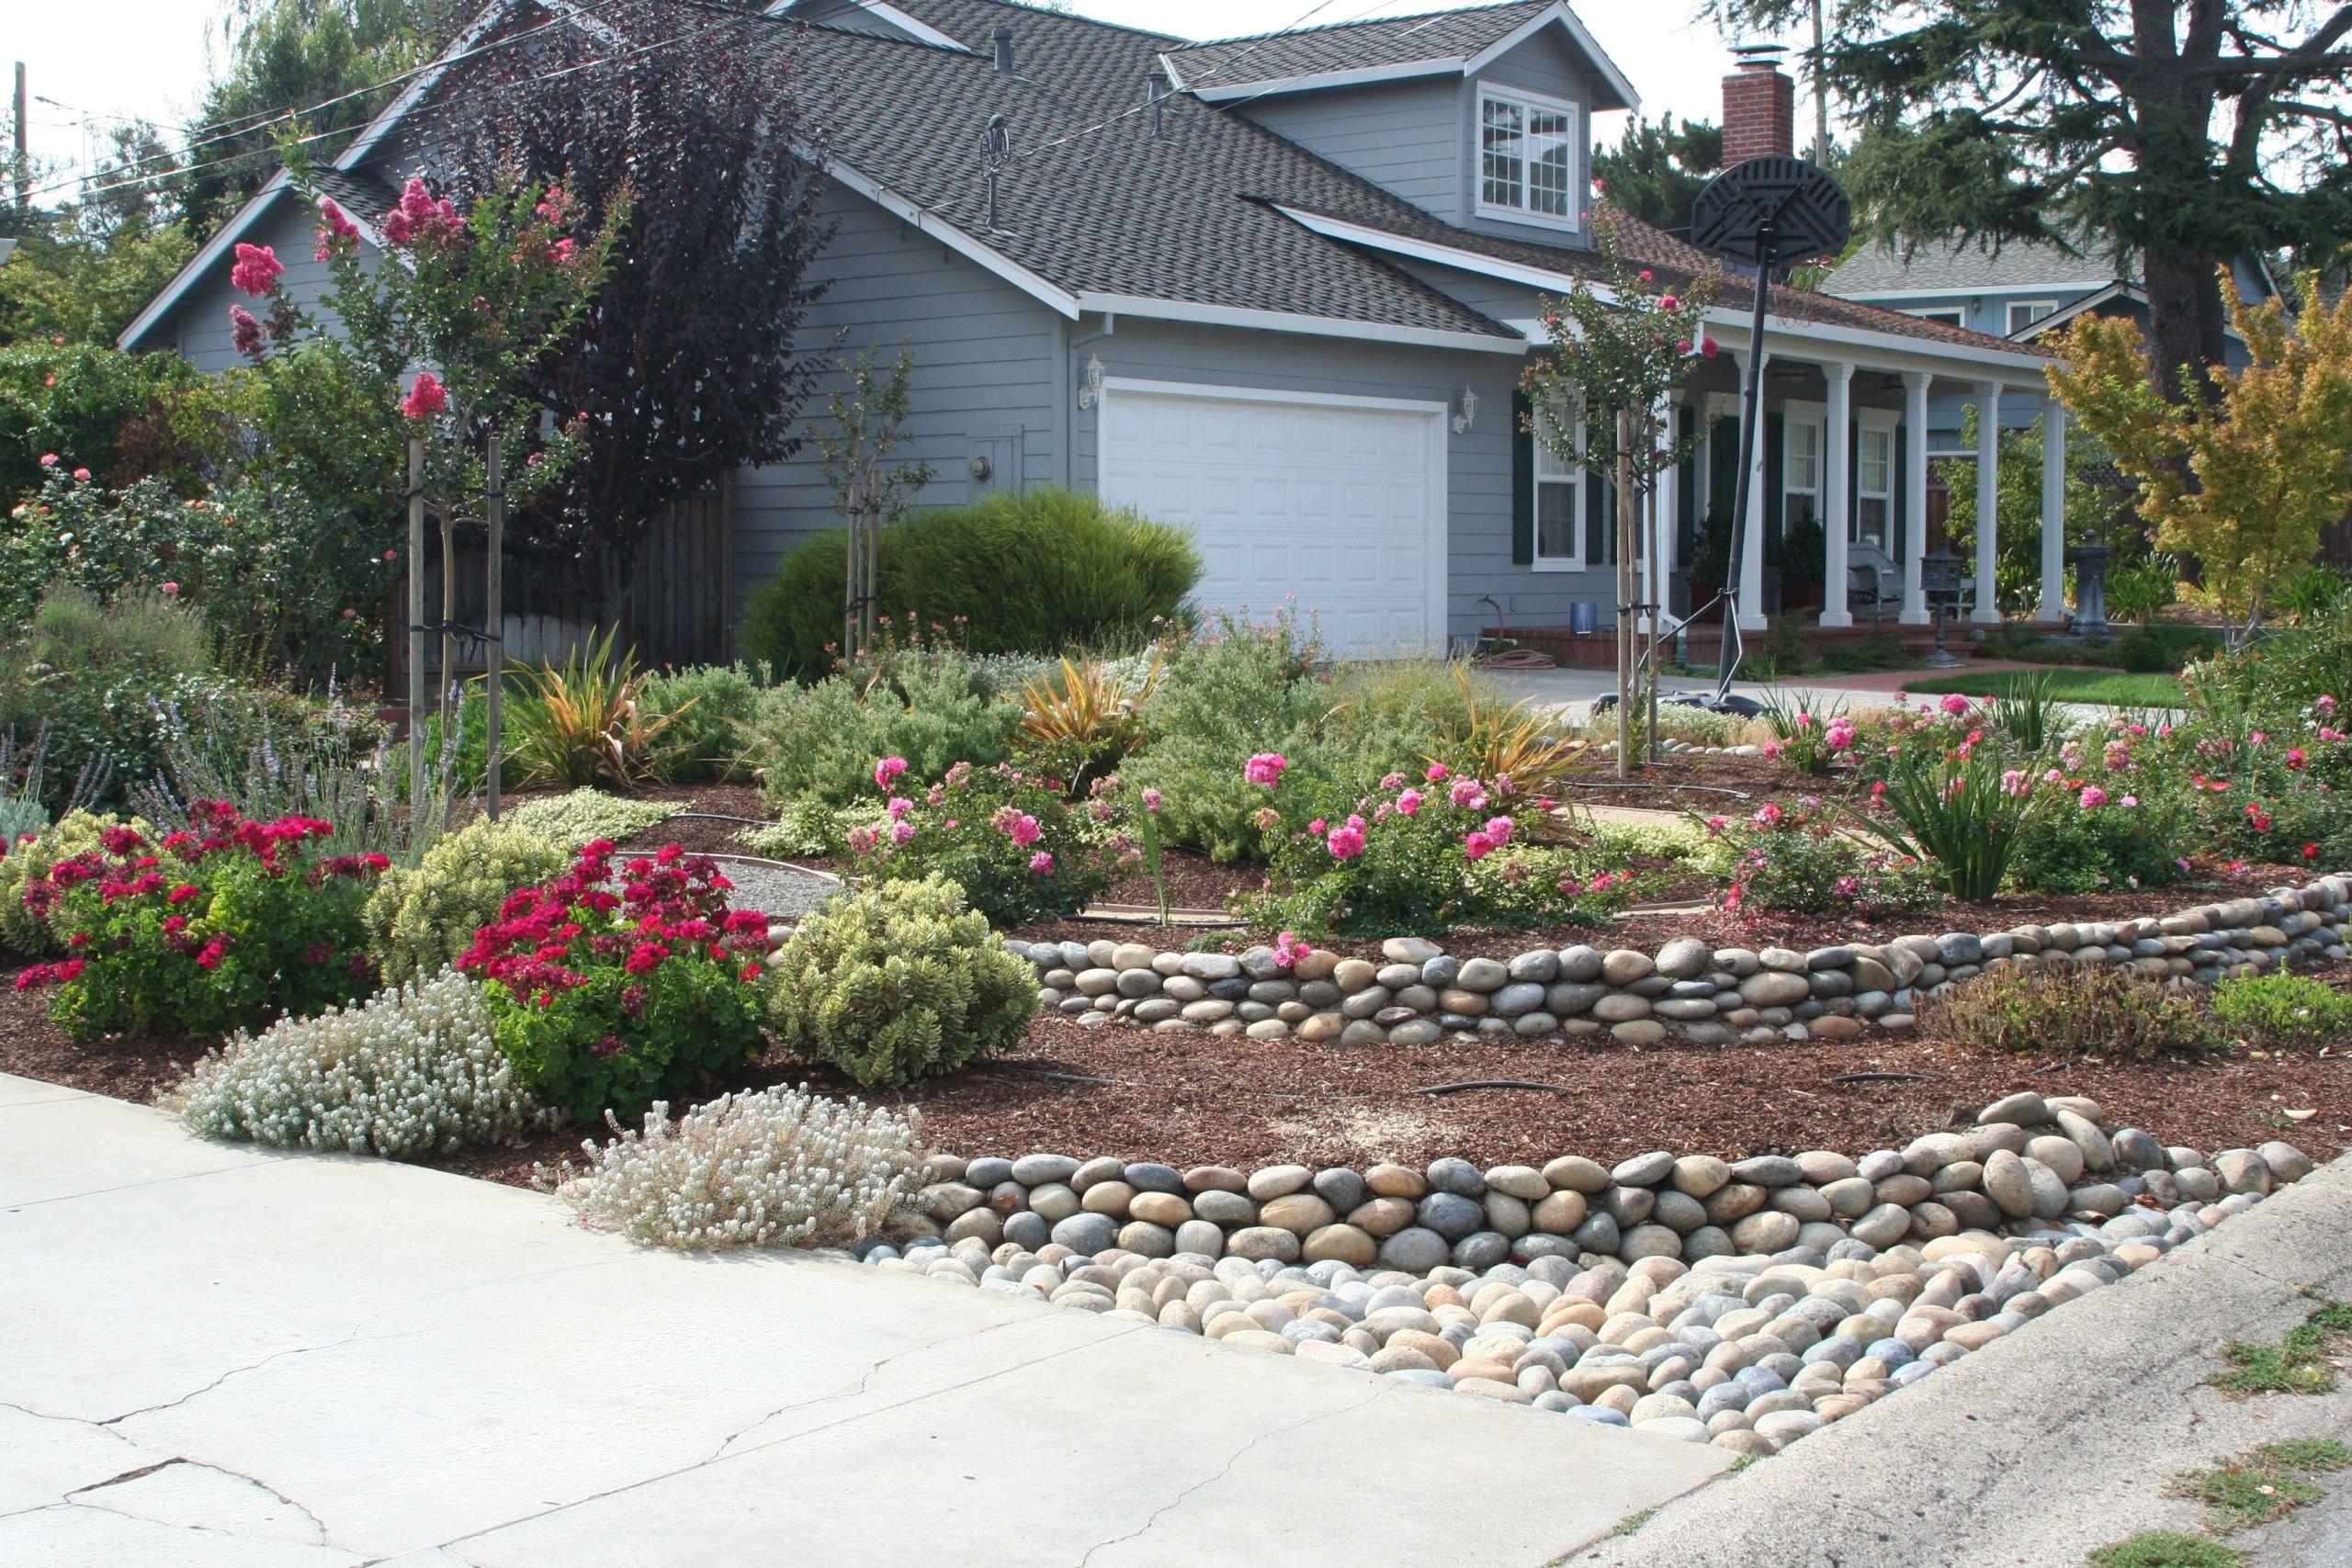 Drought Tolerant Landscape Design  Diy Drought Tolerant Landscape – Madison Art Center Design